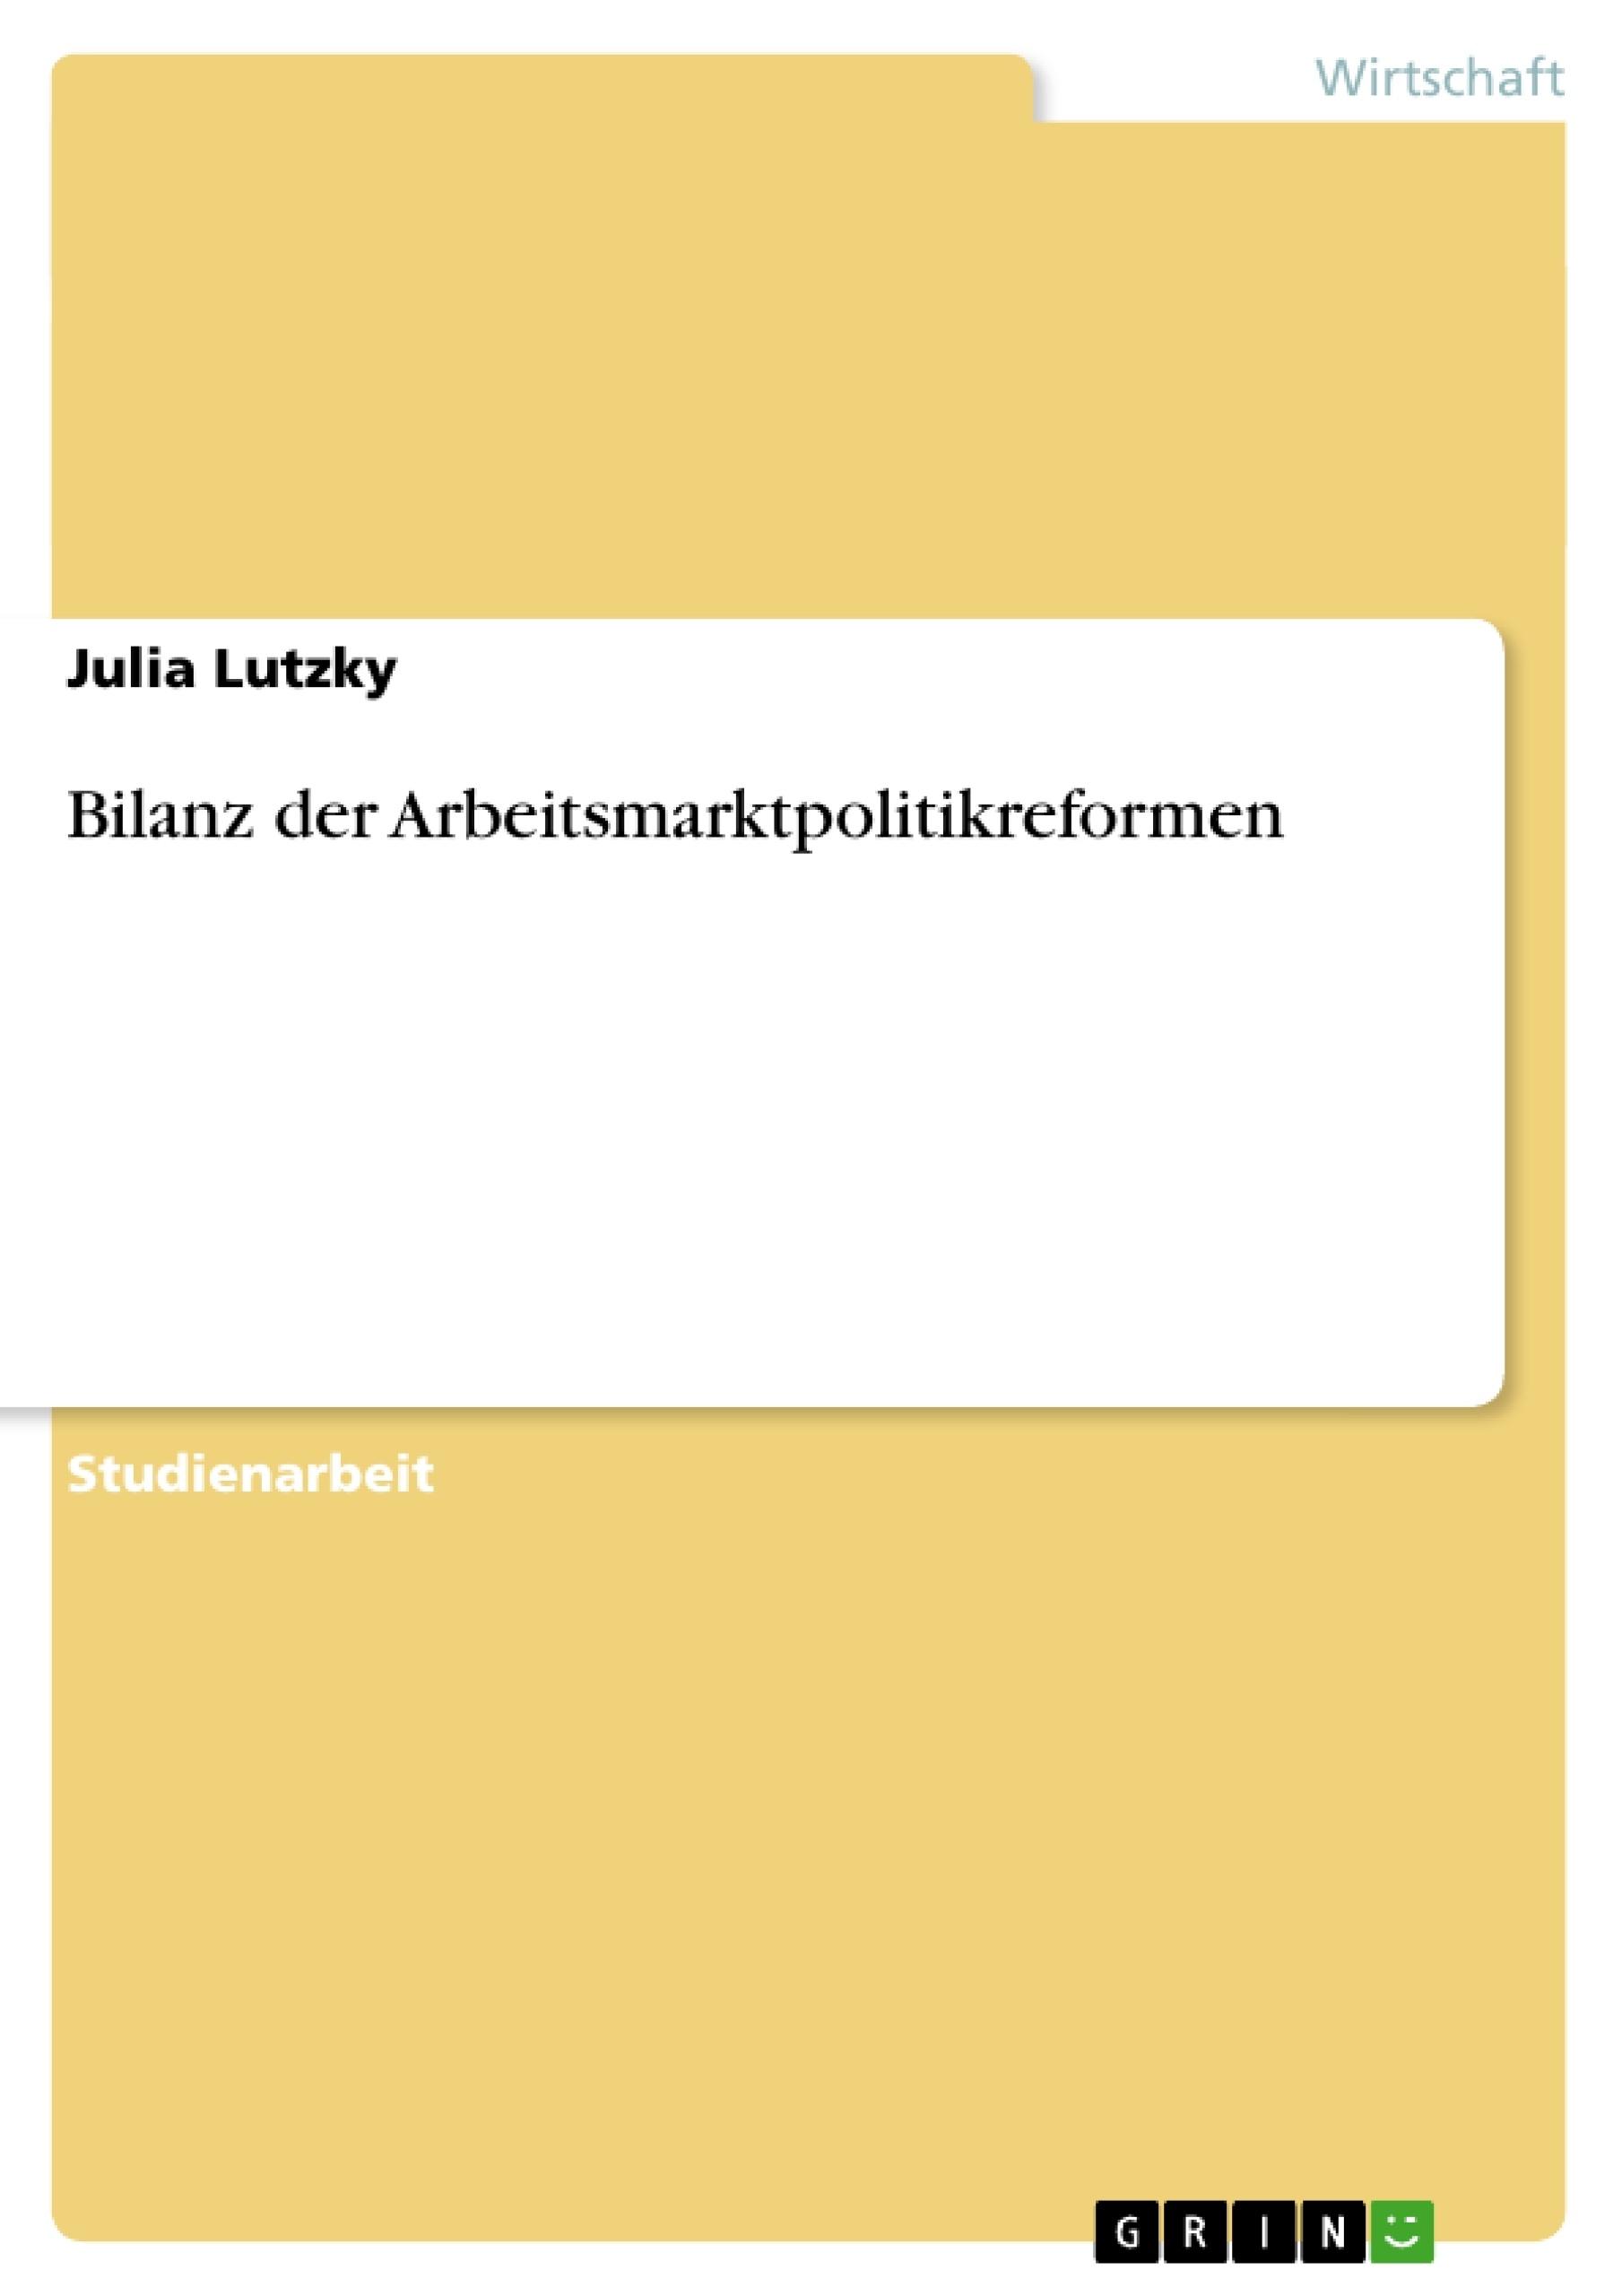 Titel: Bilanz der Arbeitsmarktpolitikreformen